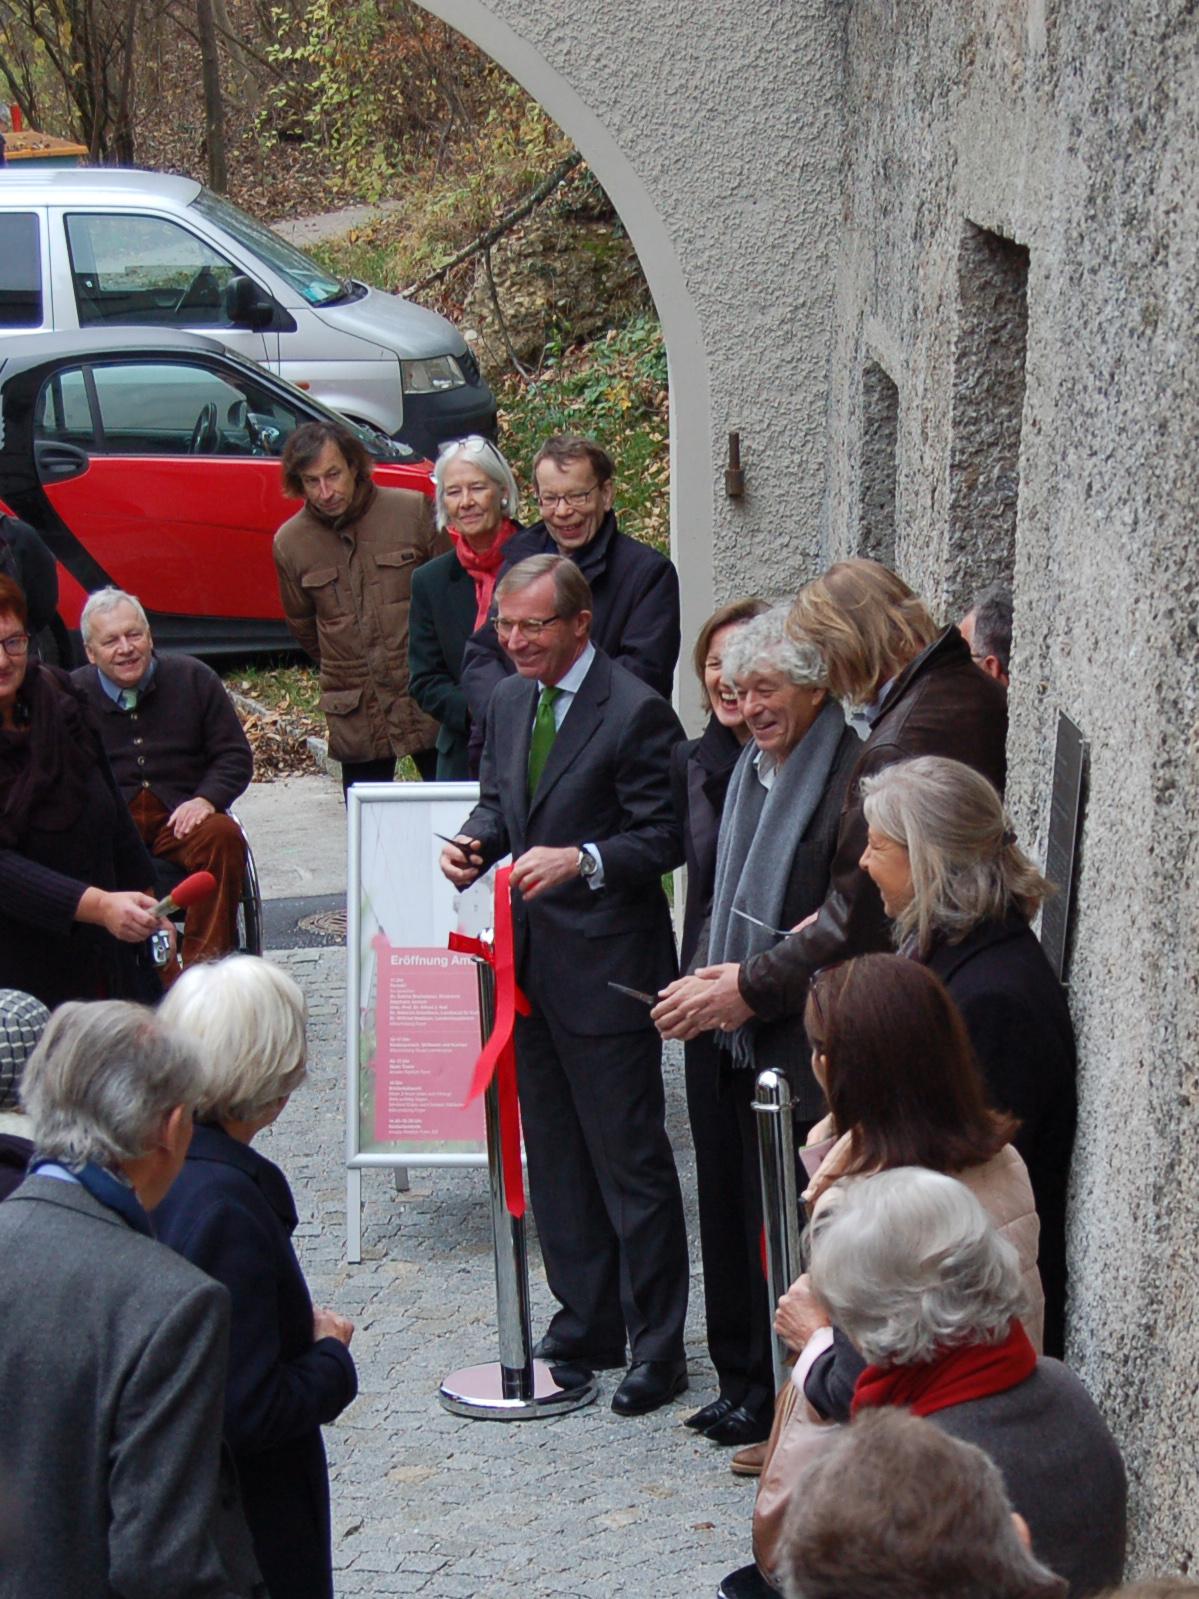 Eroeffnung_Amalie-Redlich-Turm-Museum-der Moderne-Salzburg-30.11.2014-Friedrich-Poerschke-Zwink-Architekten-Stadtplaner-BDA-Muenchen